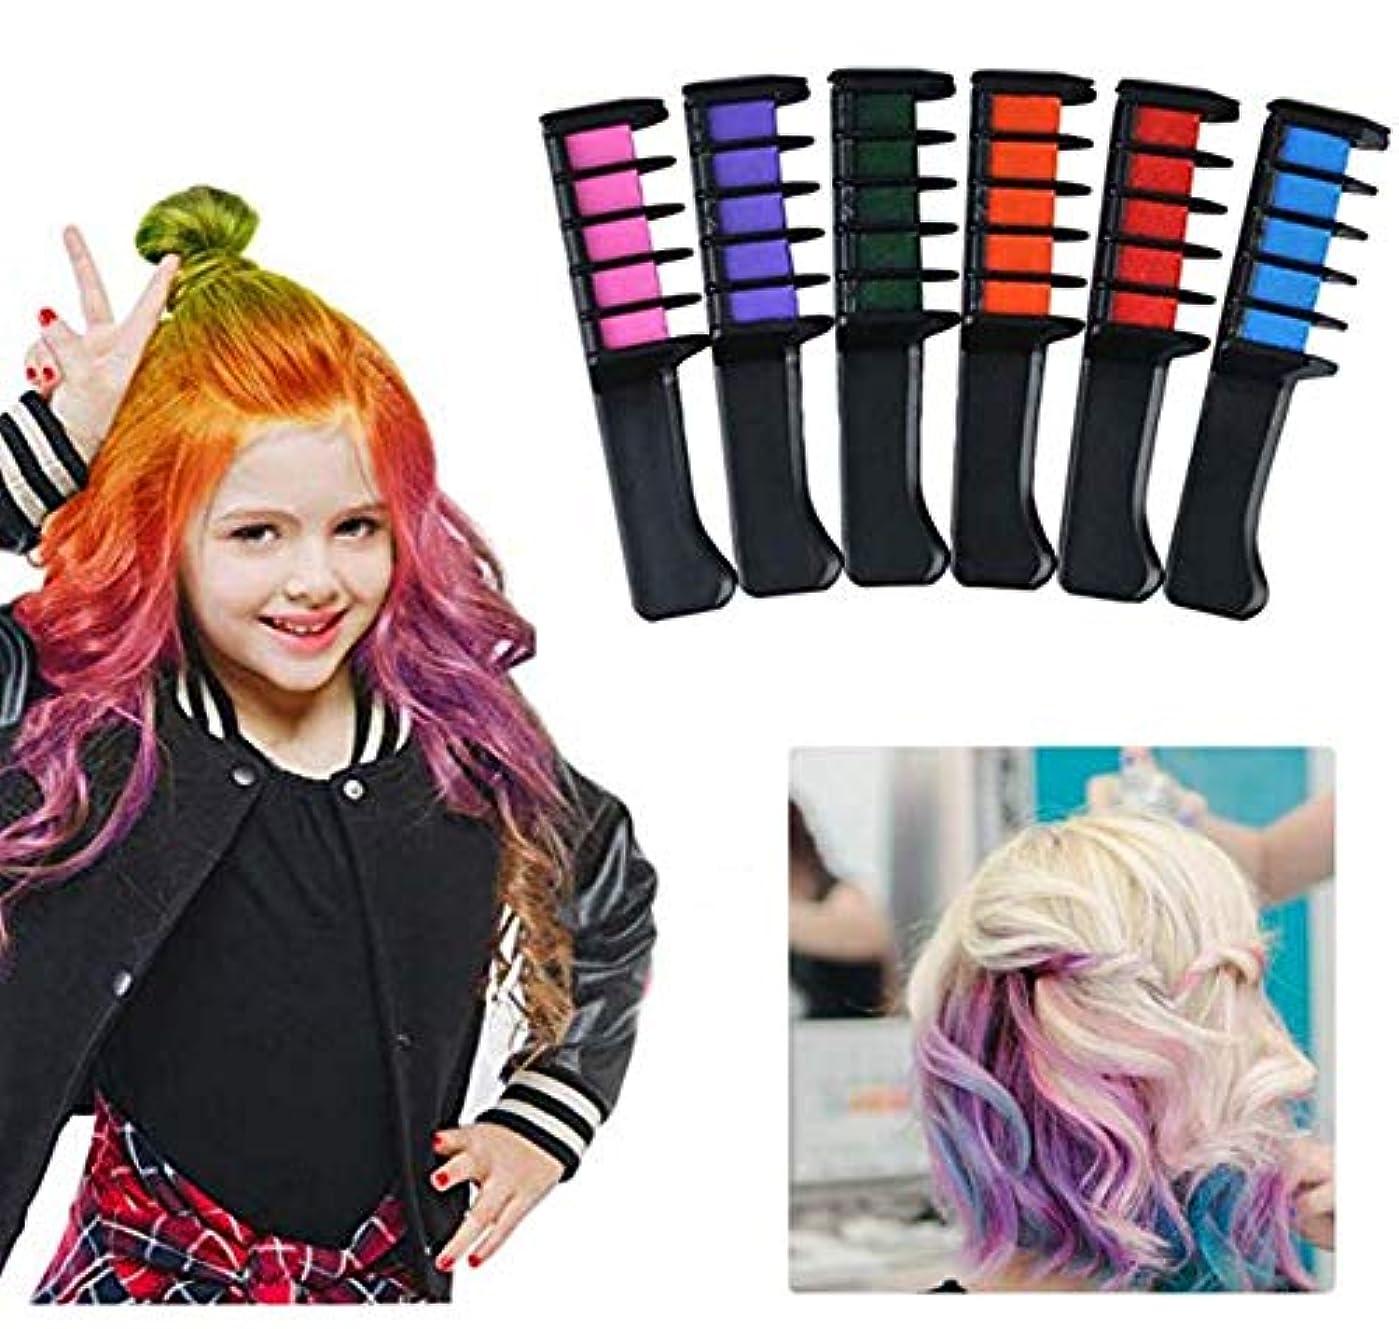 皮肉な支配する細菌子供のための安全な非有毒な一時的な髪のチョークの櫛6色髪の色の櫛髪のチョークの櫛、女の子、パーティー、コスプレ